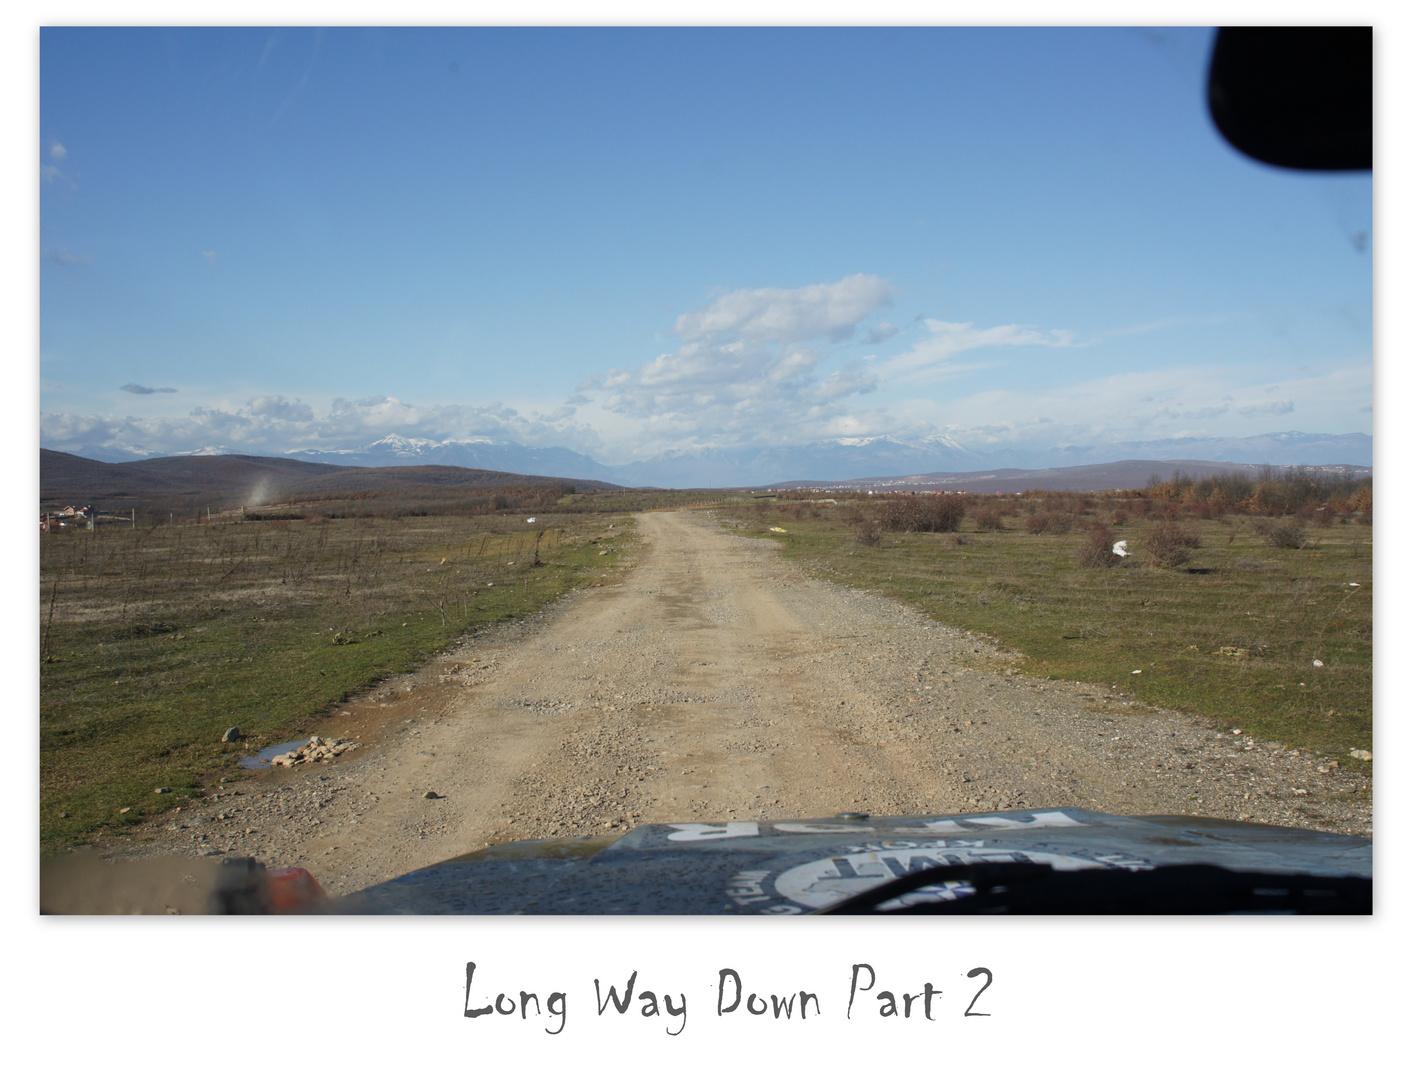 Long Way Down Part 2